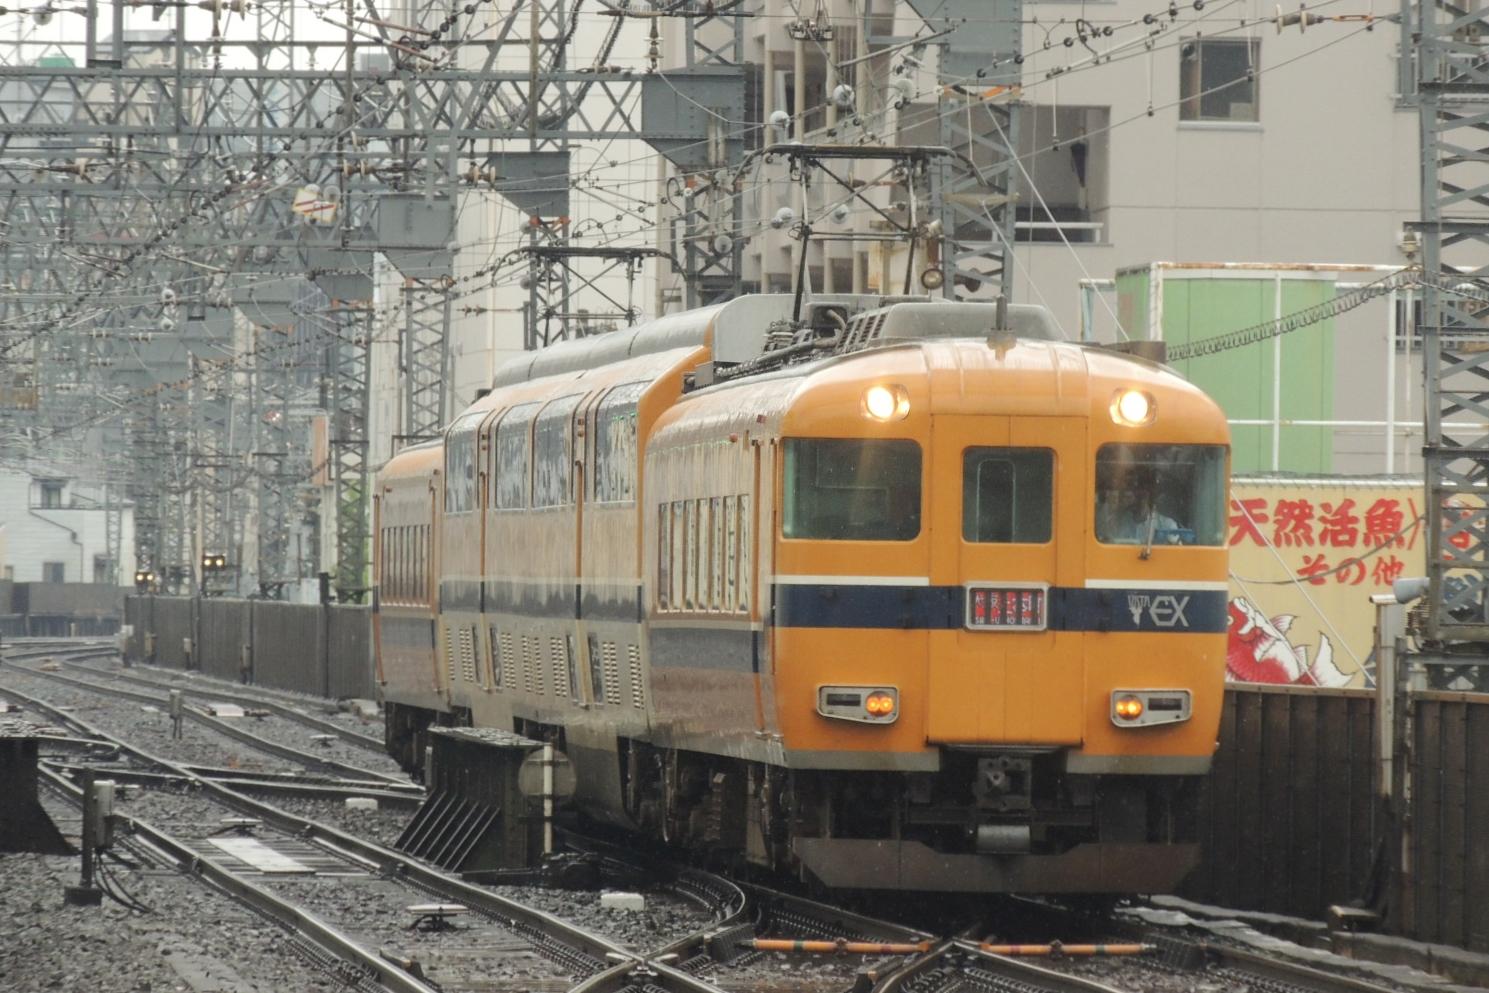 近鉄30000系ビスタカー 鶴橋